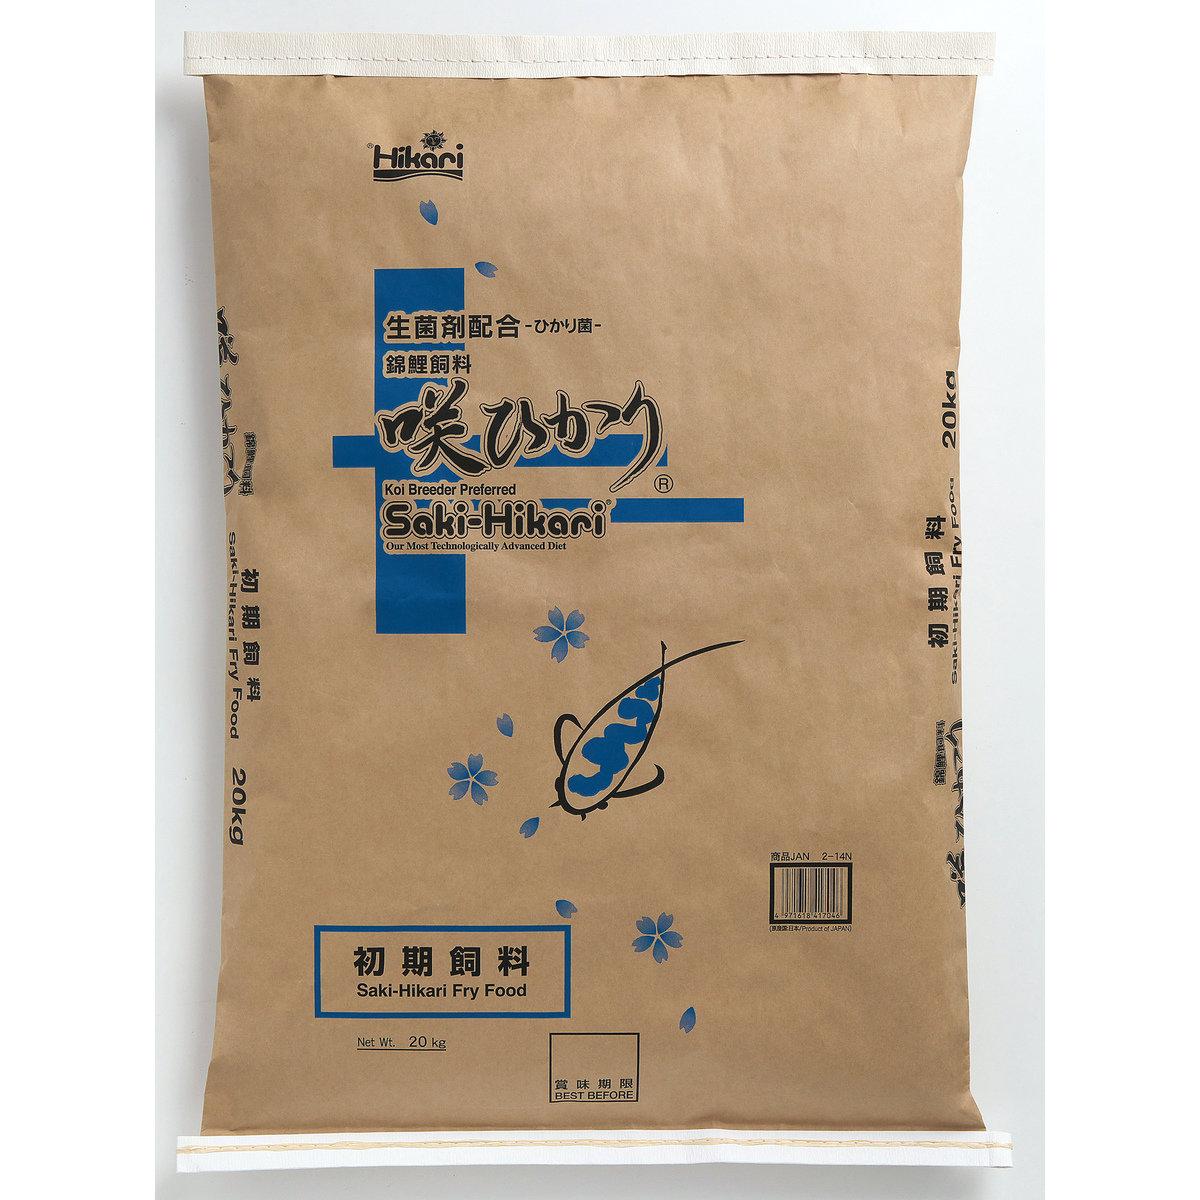 送料無料|代引き手数料無料|国内自社製造|ポリ袋|ゴミ袋|ごみ袋 【1枚あたり:21.40円/90冊入/900枚入】 【エコスタイル:90L(リットル)/半透明/0.040mm厚/3箱】